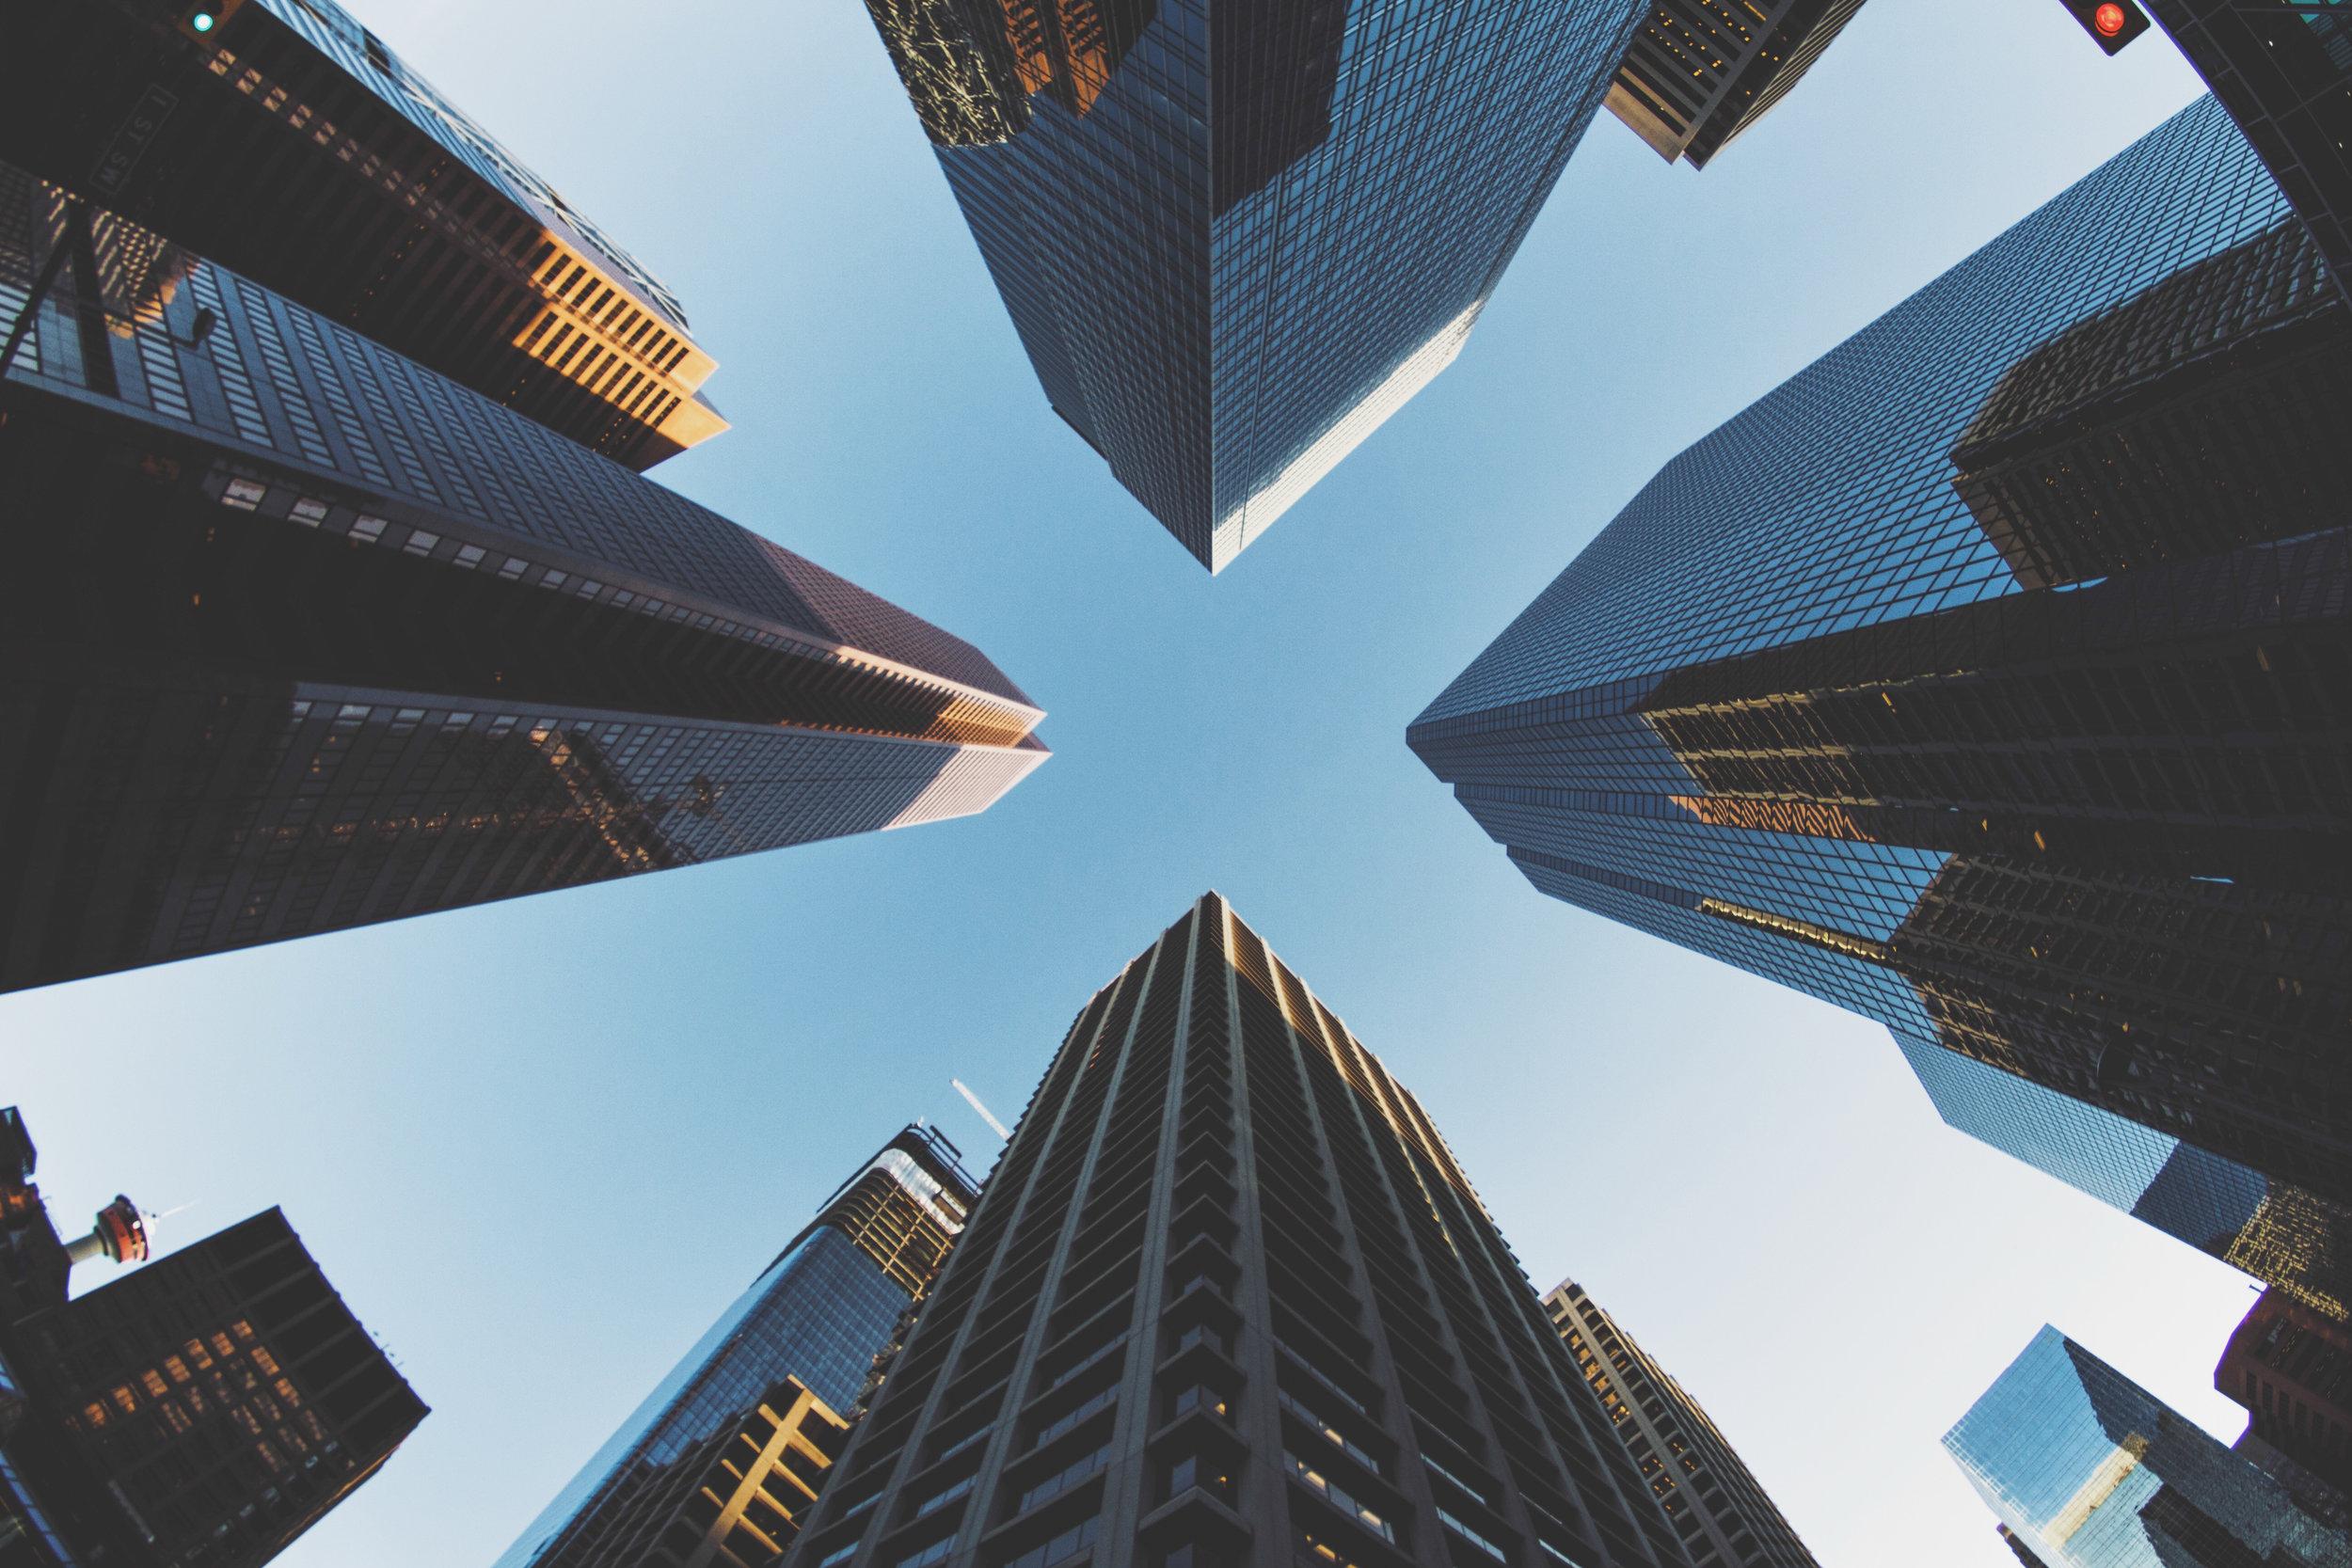 skyscrapers-looking-up.jpg